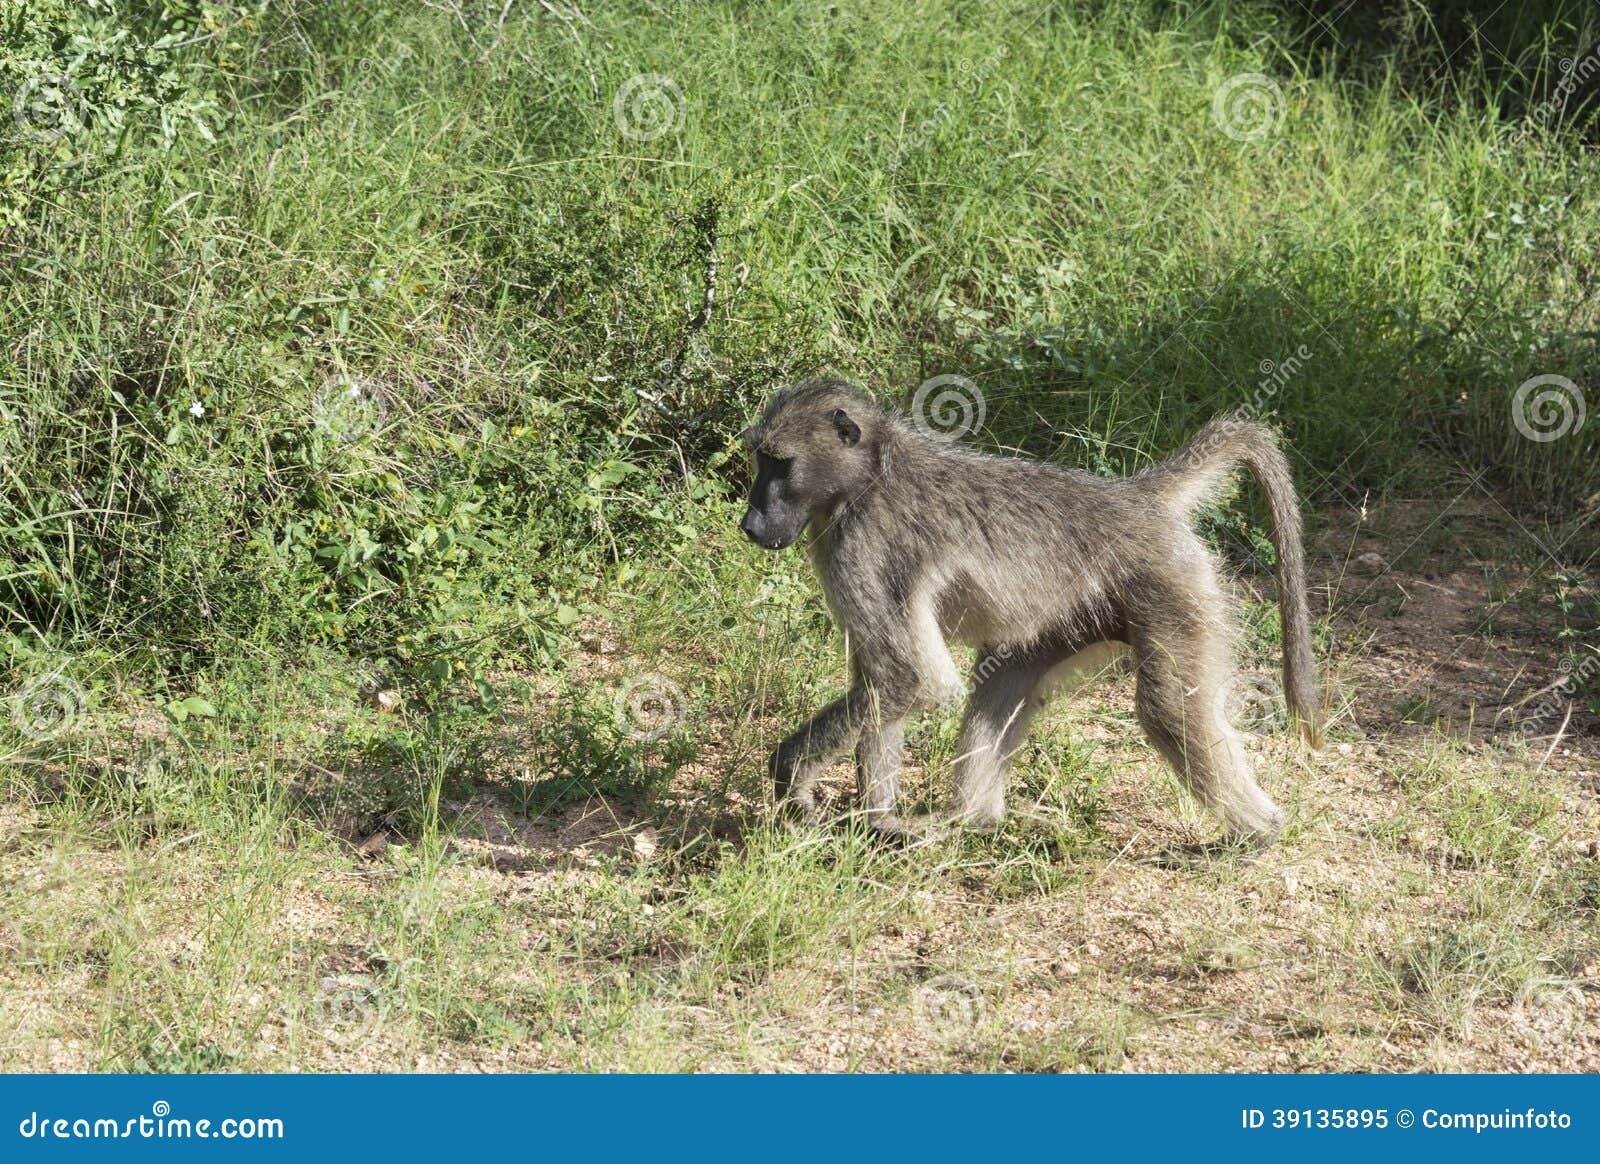 Baboon monkey in kruger park